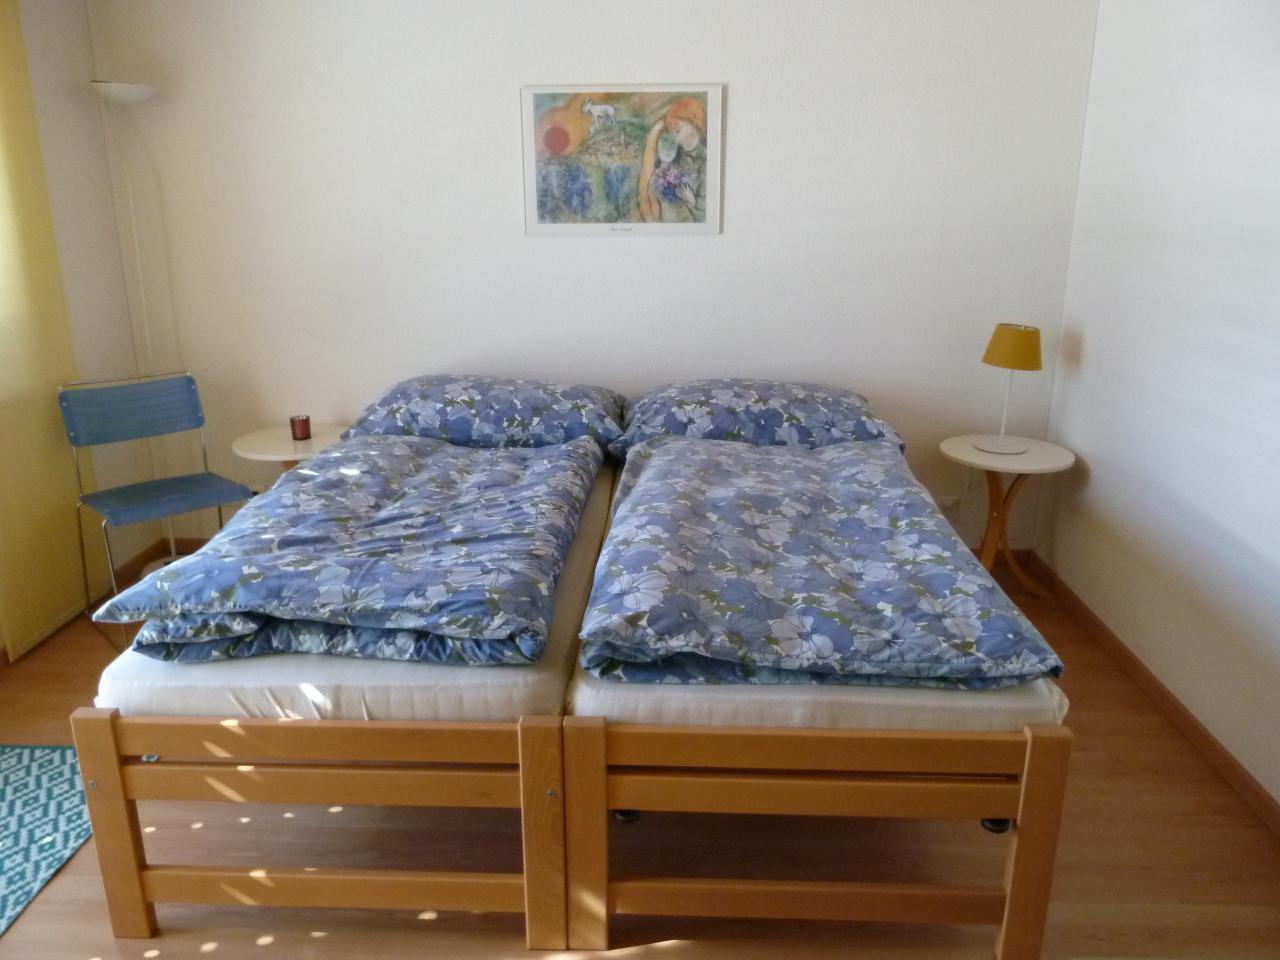 Appartement de vacances 2-Zimmer Wohnung im Ferienparadies Kandertal (2385249), Kandergrund, Adelboden - Frutigen - Kandersteg, Oberland bernois, Suisse, image 11